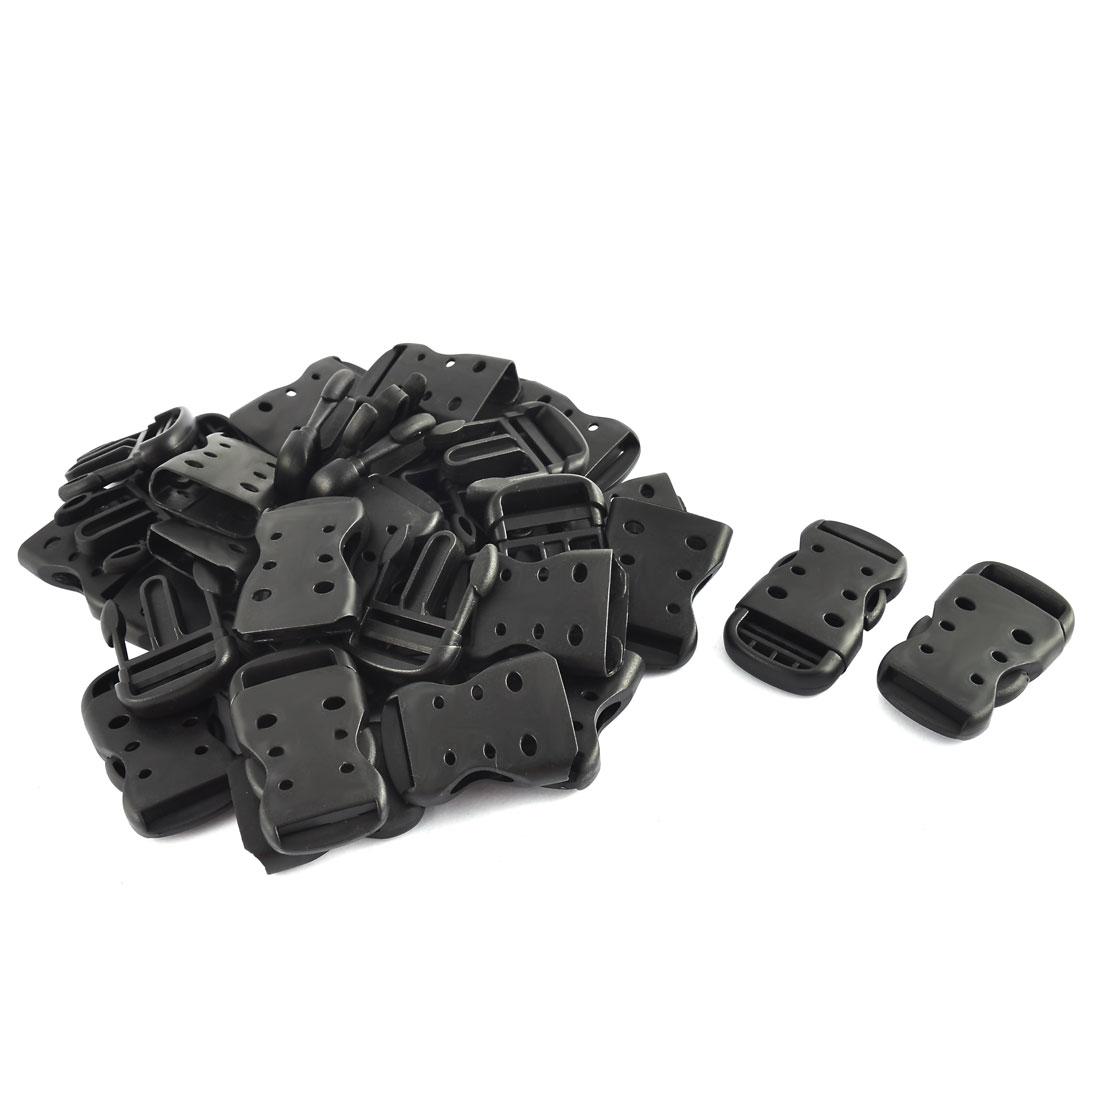 Backpack Belt Strap Plastic Hollow Out Designed Side Release Buckles Black 20pcs